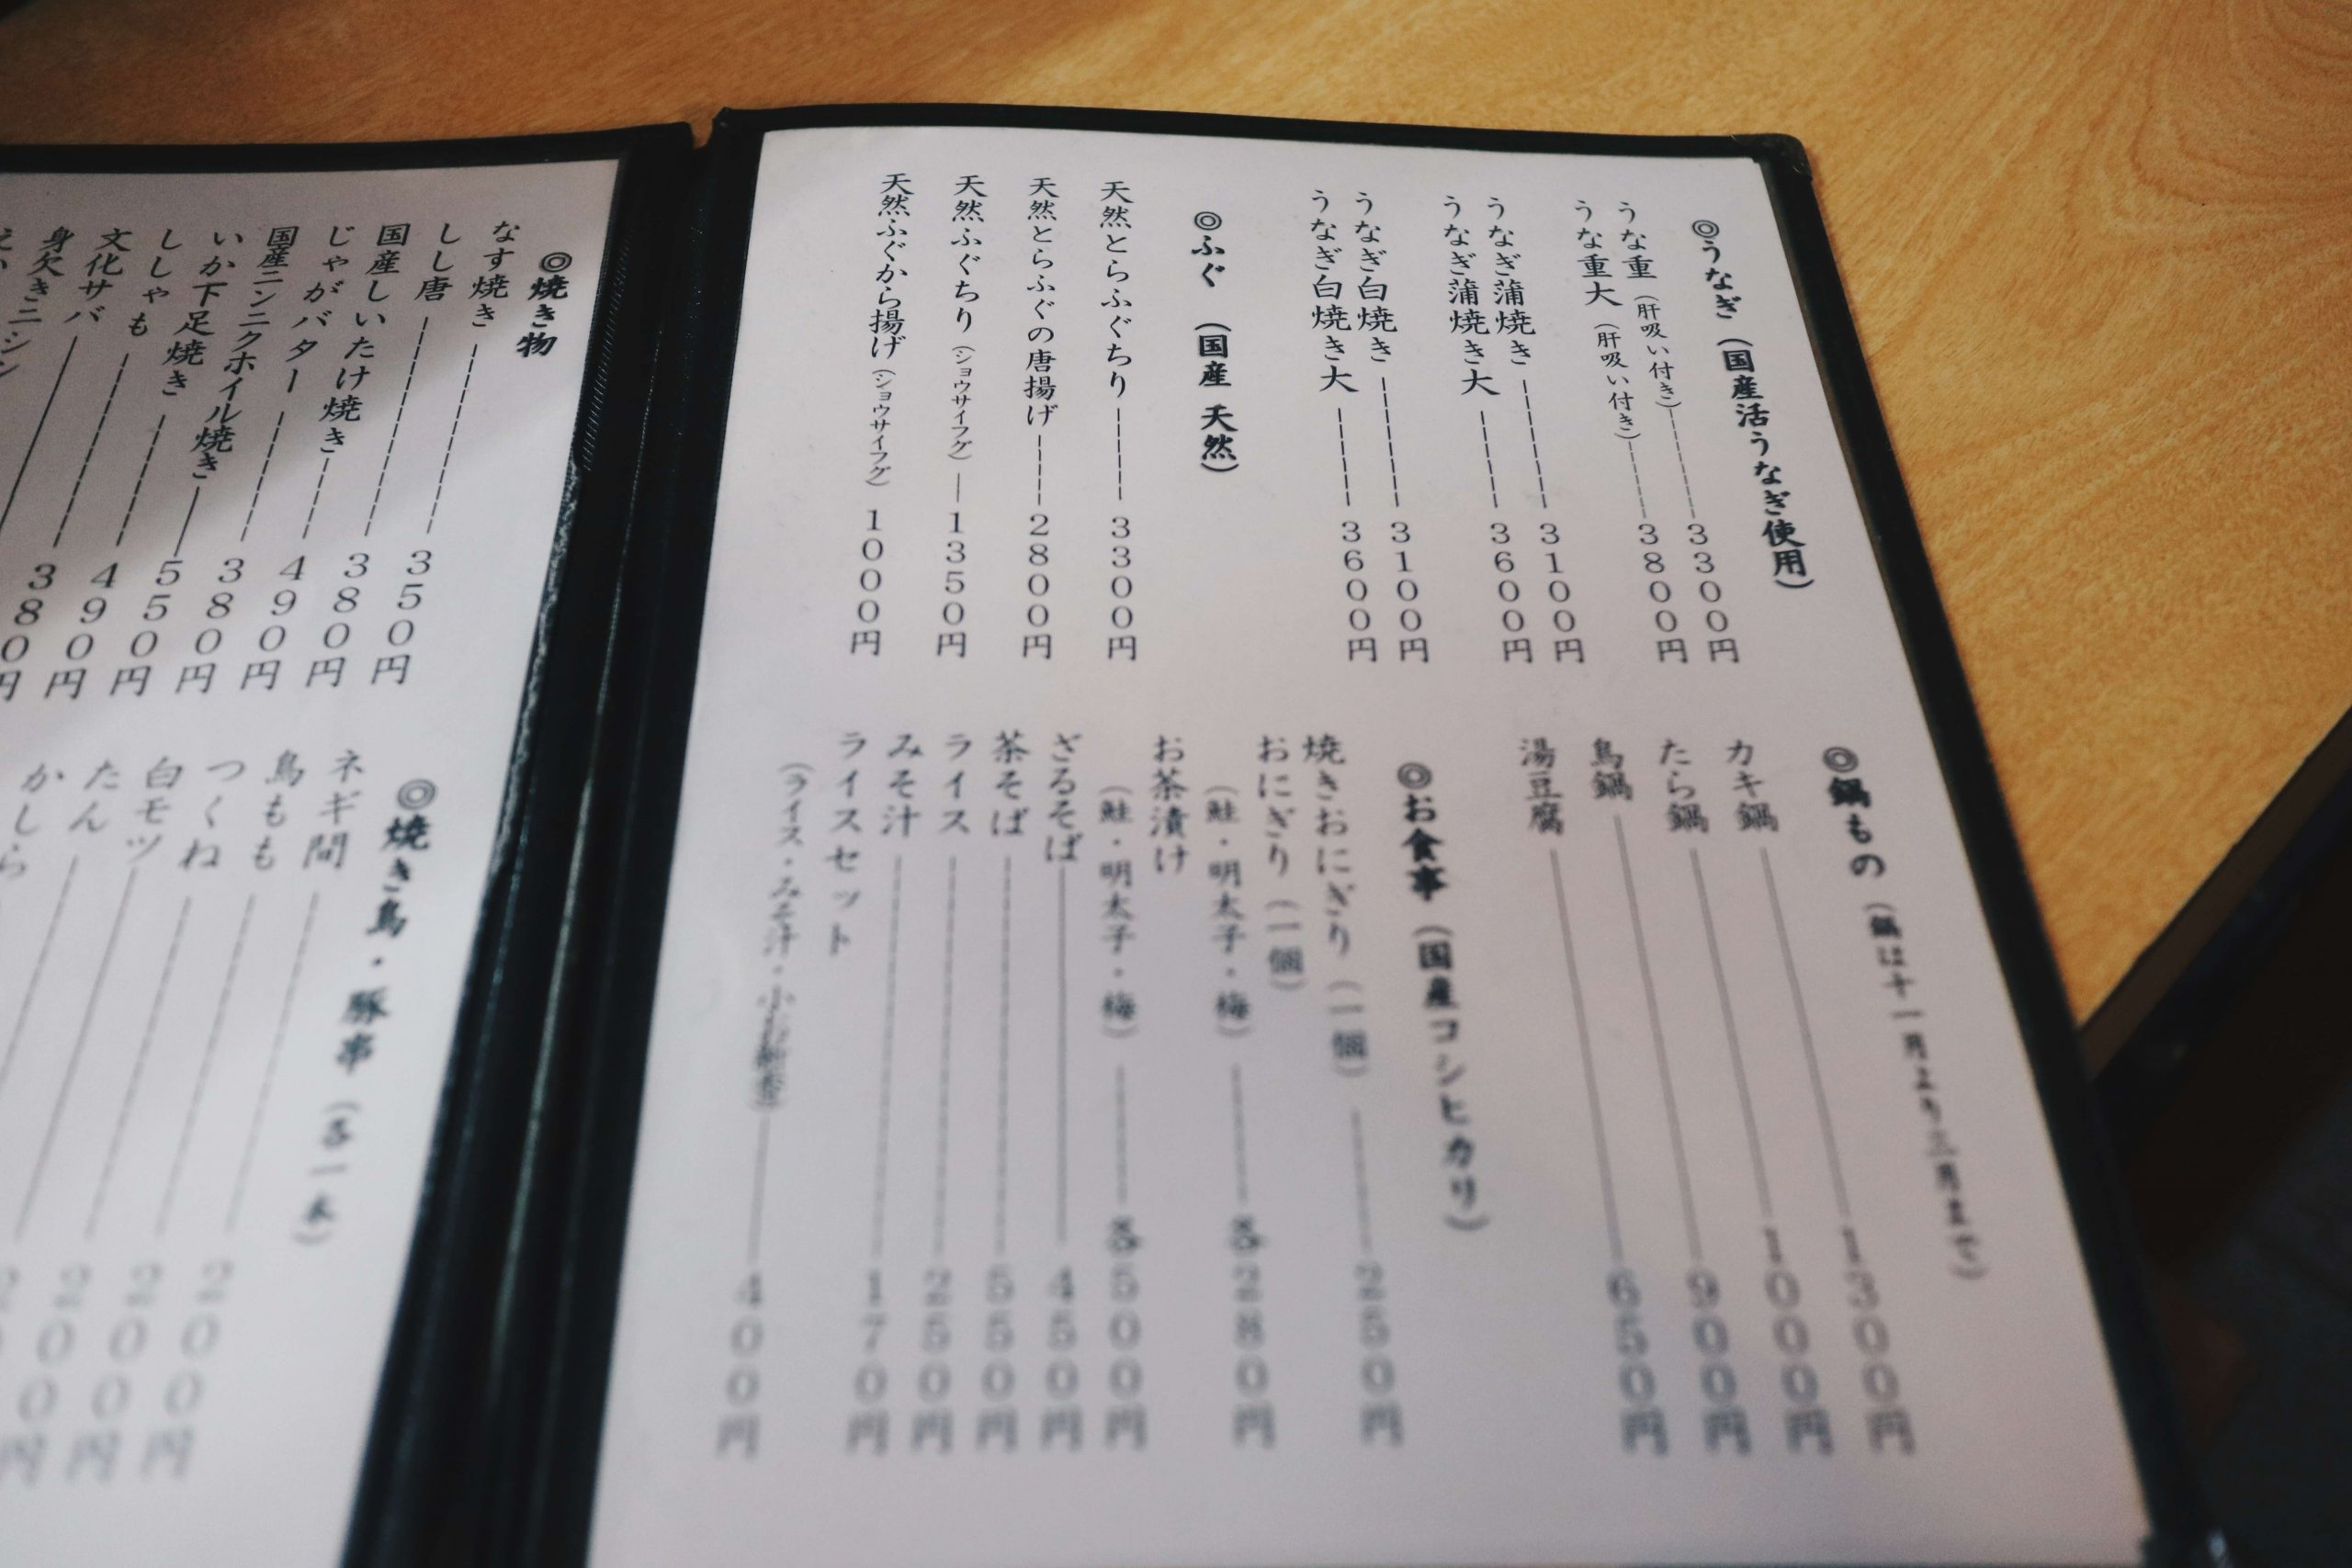 ローカルWEBメディア・地域サイト 草加ローカルストーリー 草加 居酒屋 三芳 メニュー